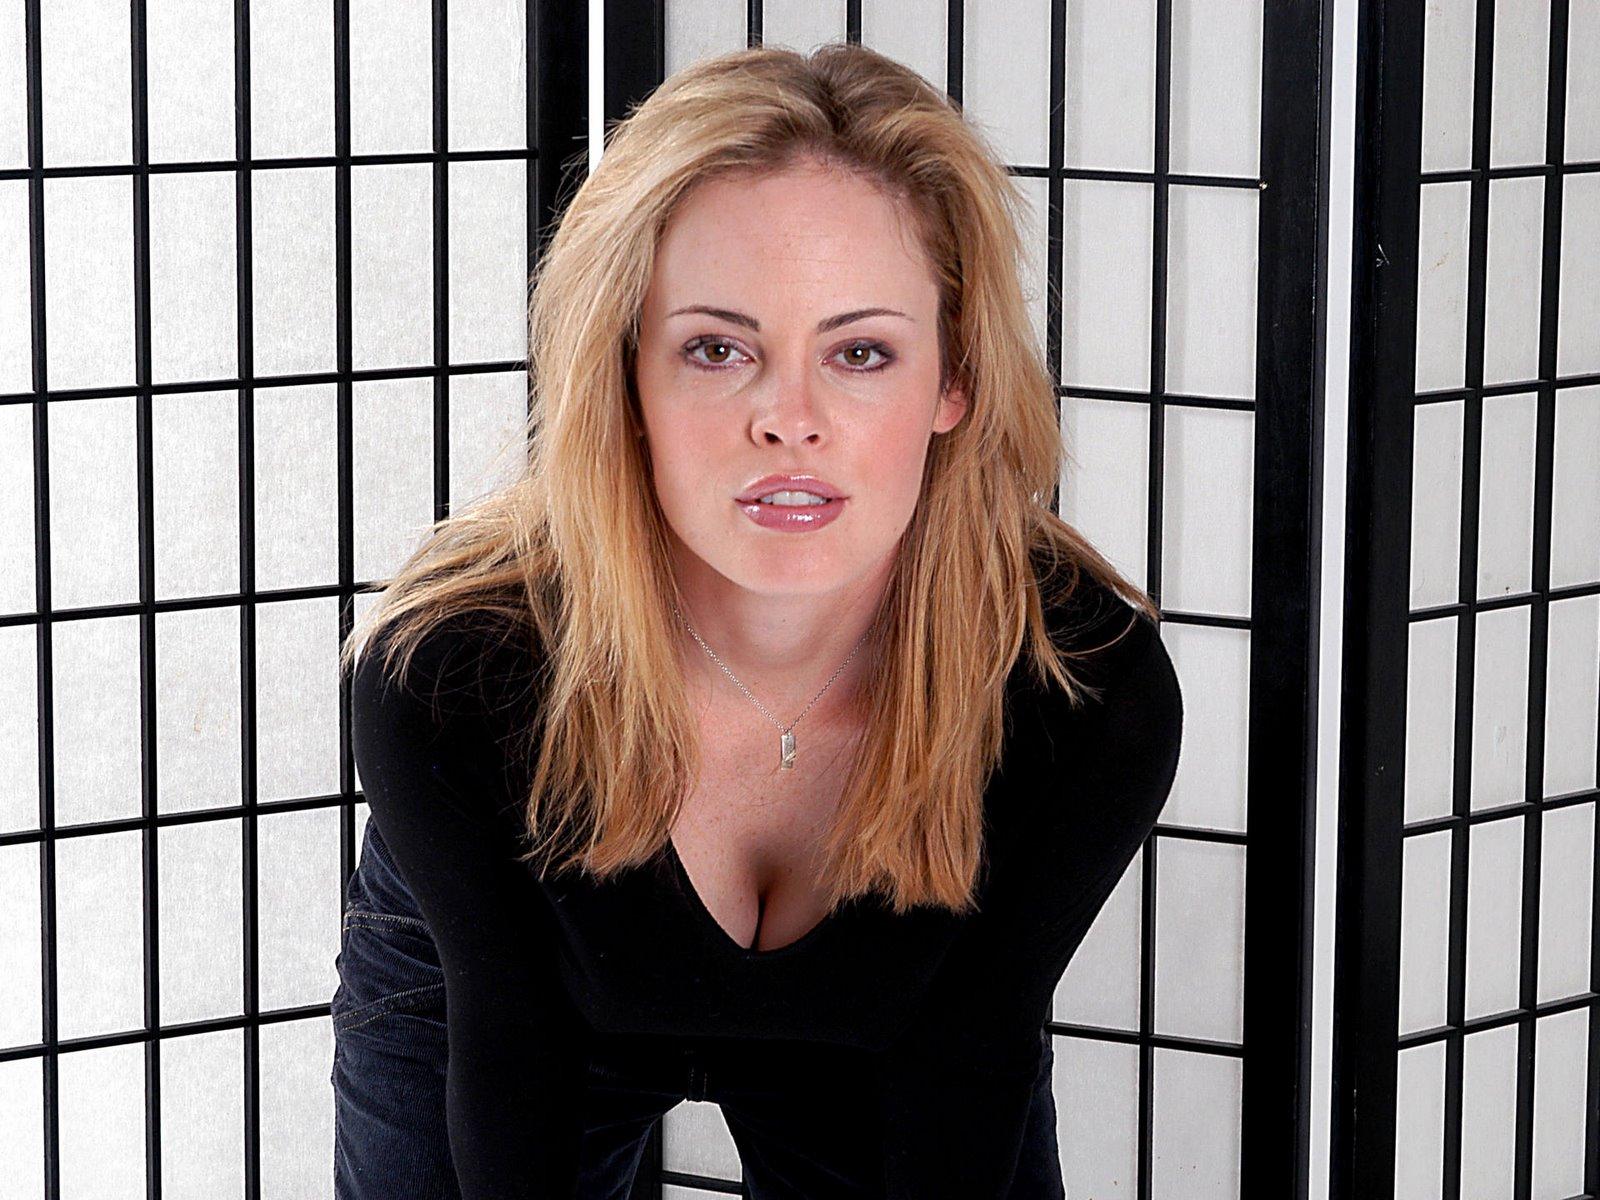 Tiffany porn girl solo sex